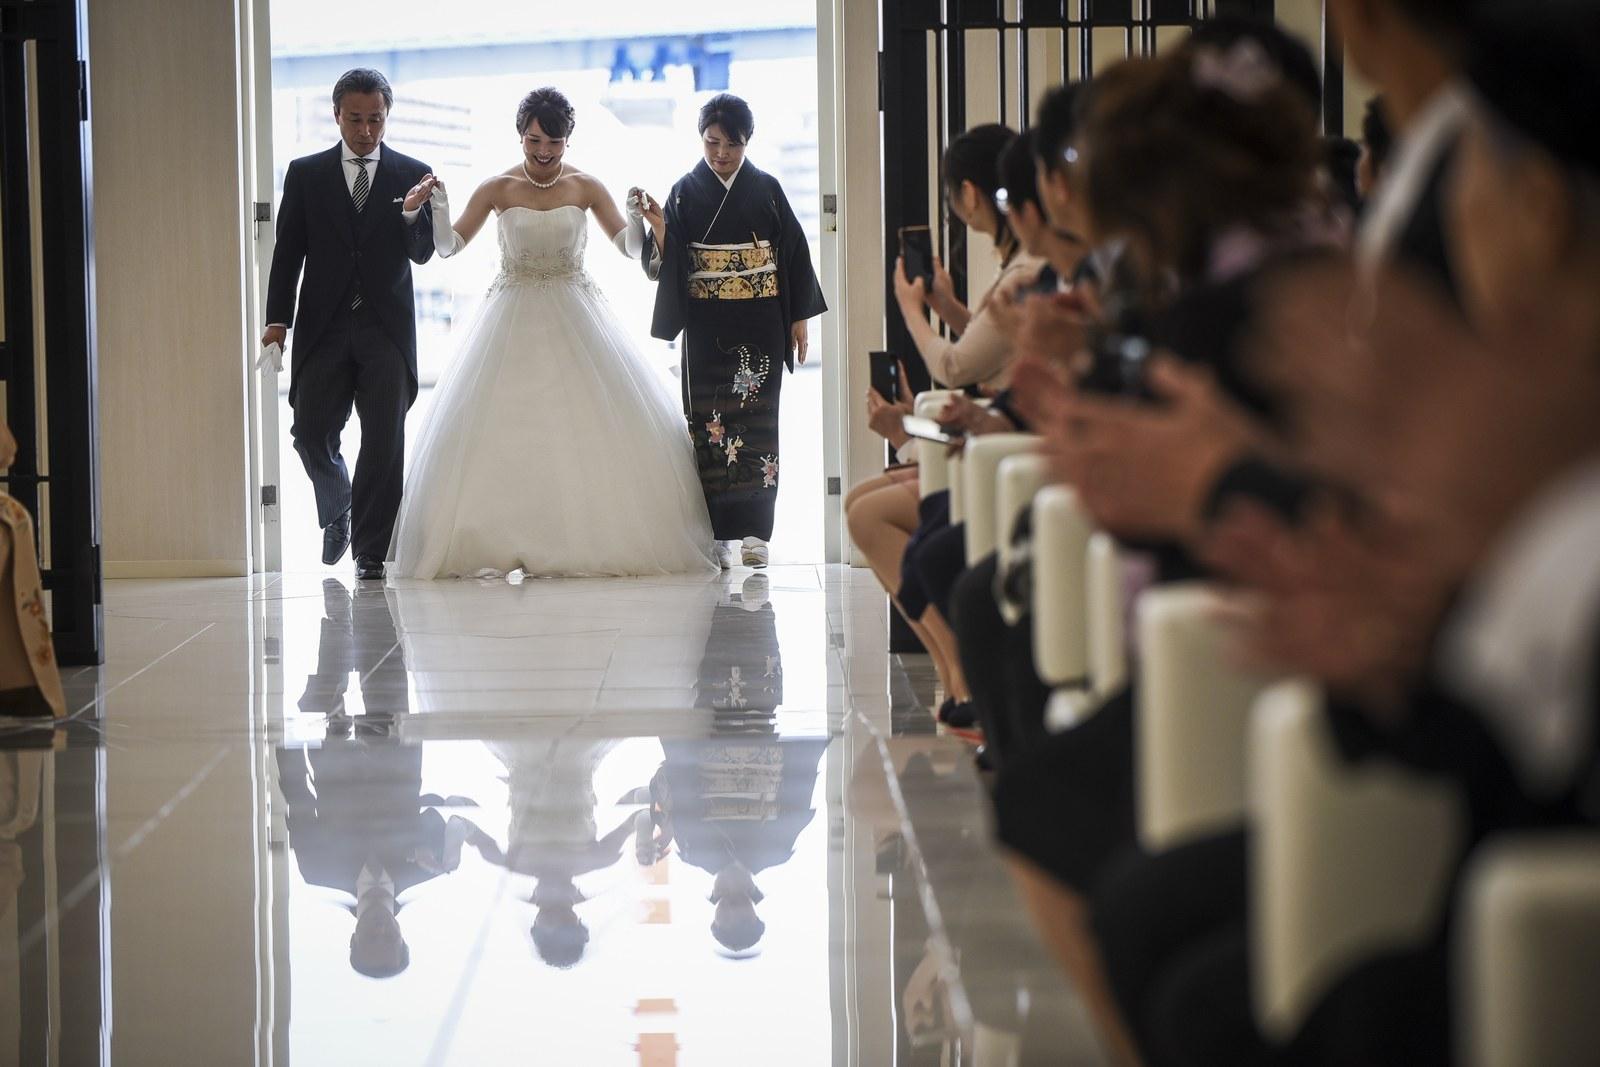 徳島市の結婚式場ブランアンジュで新婦様とご両親様との感動的なチャペル入場シーン